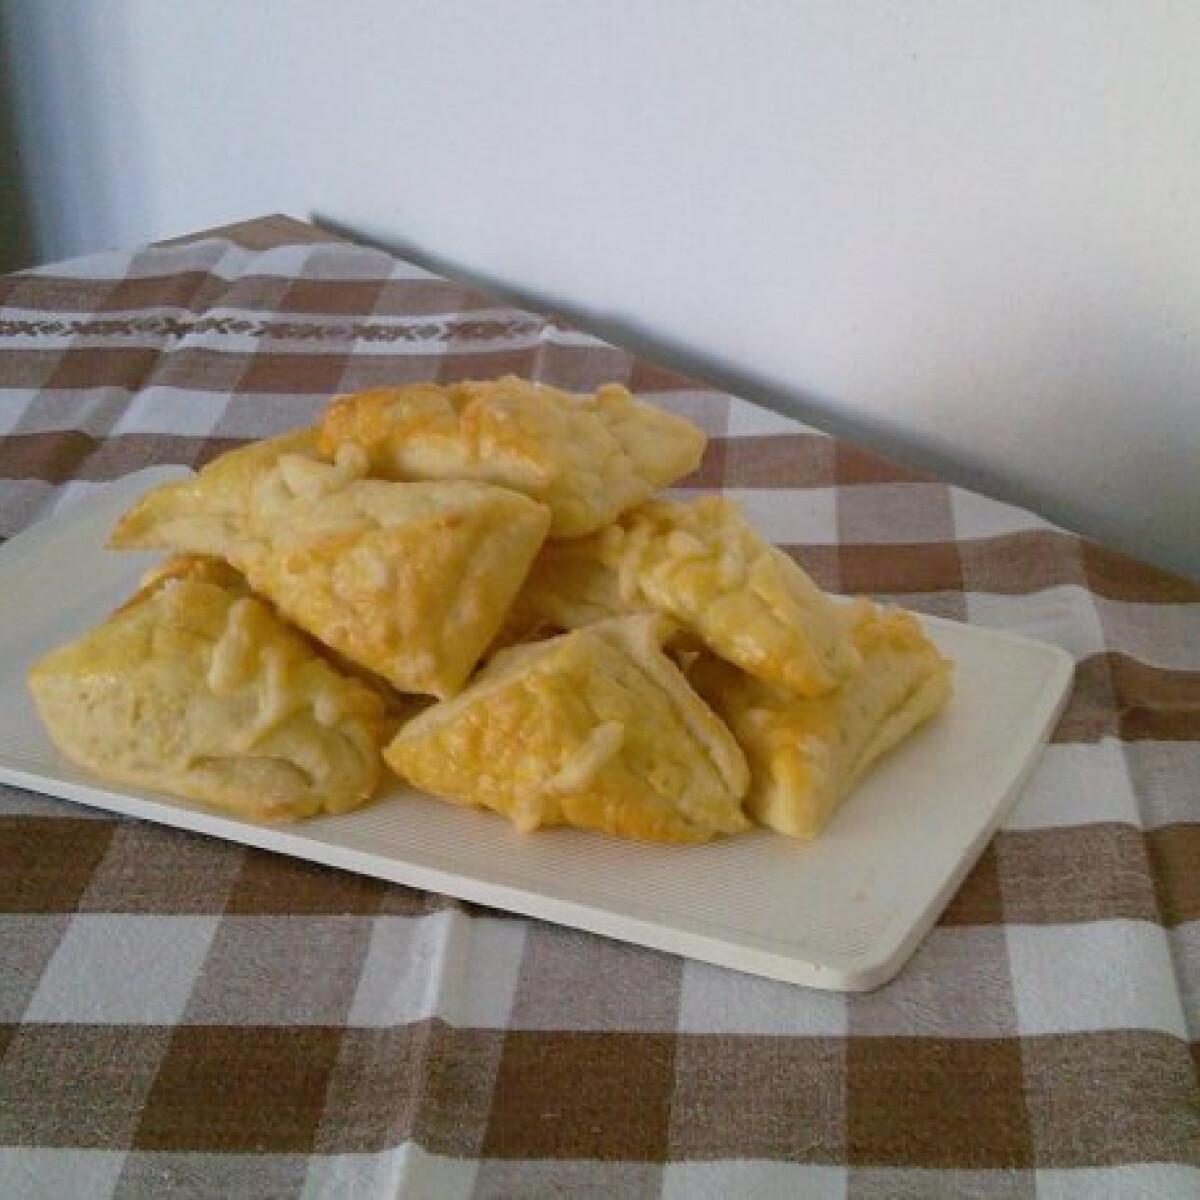 Ezen a képen: Kelt krumplis háromszögek